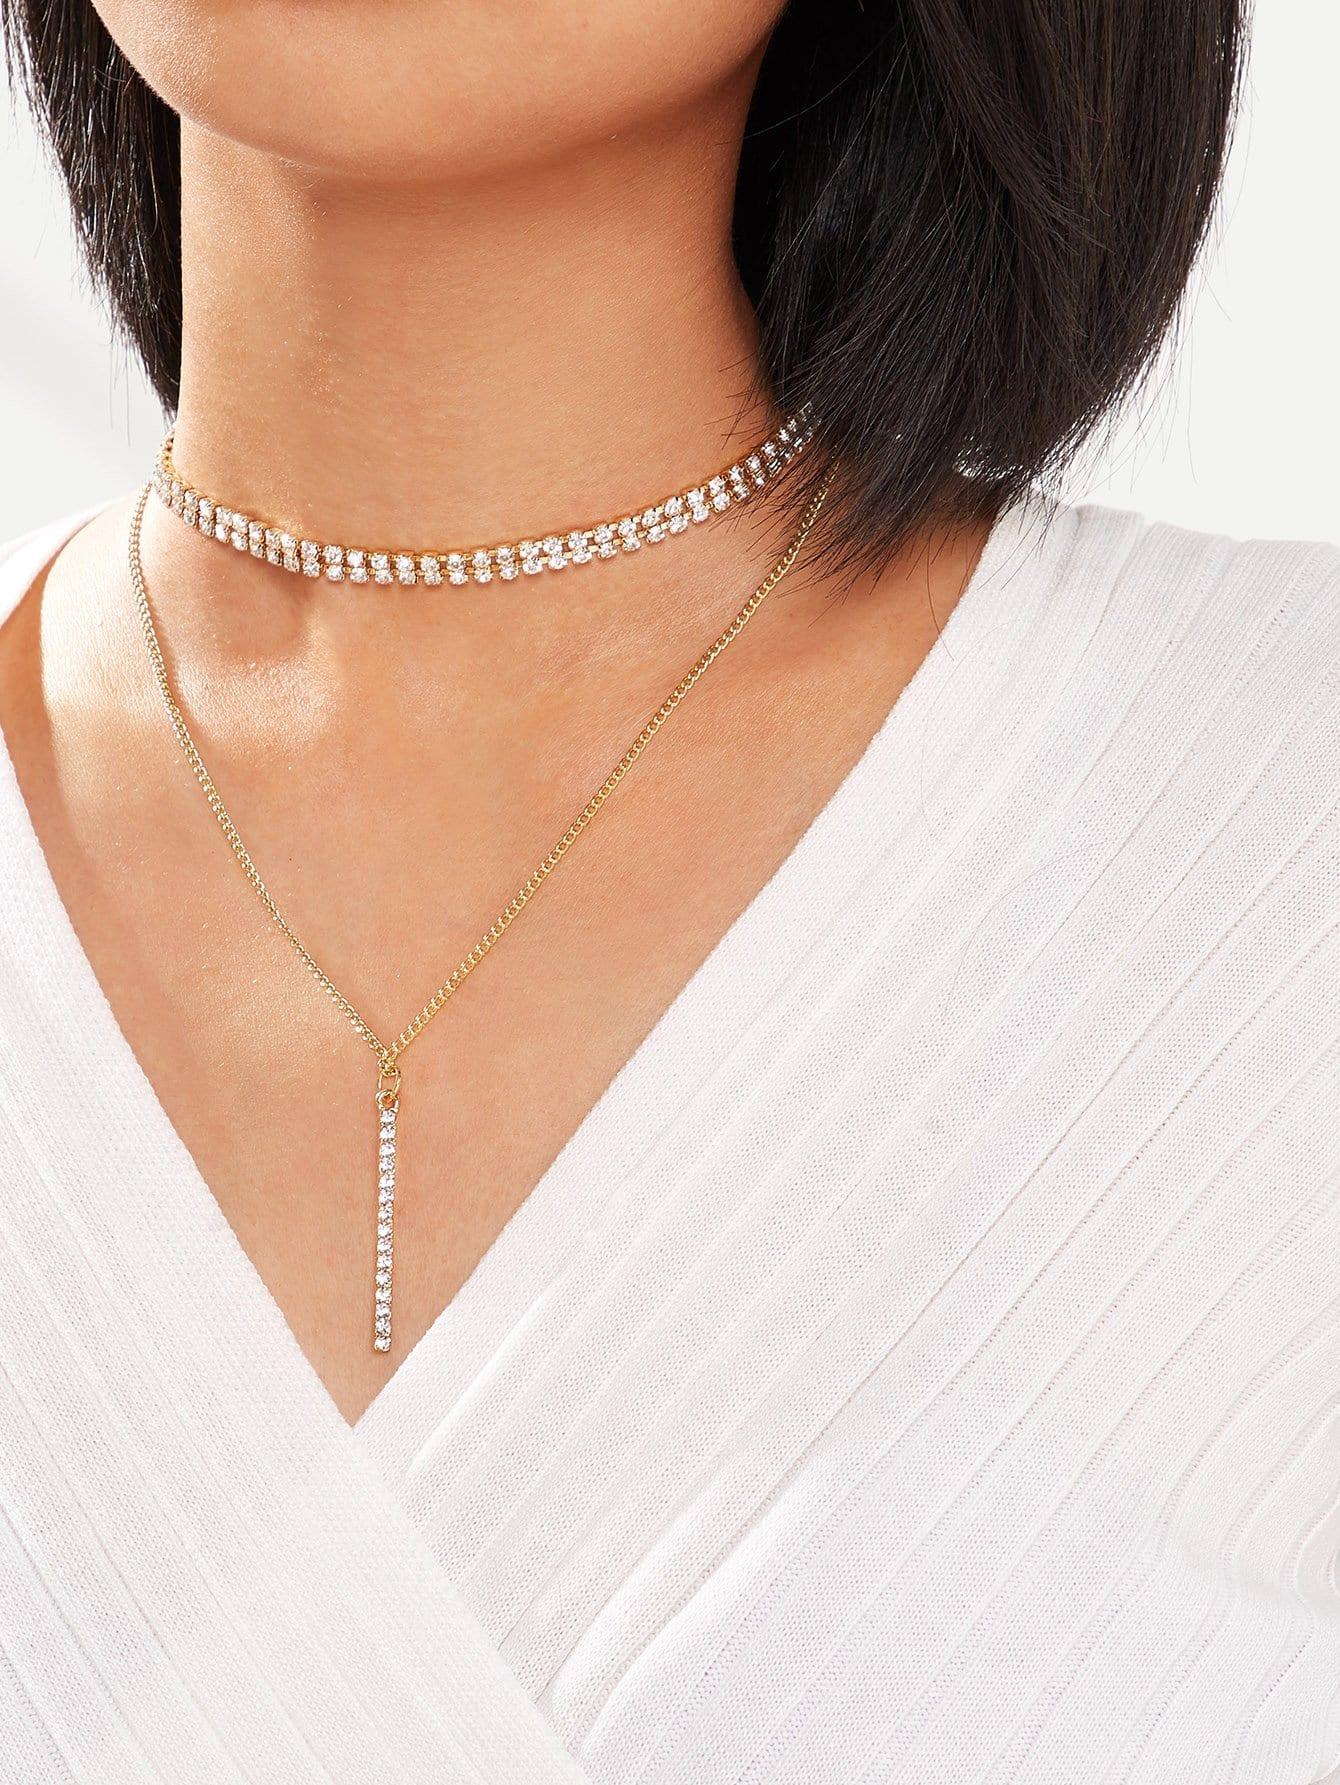 Фото - Ожерелье из хрусталей и ожерелье с подвеской бара 2 шт от SheIn цвет золотые